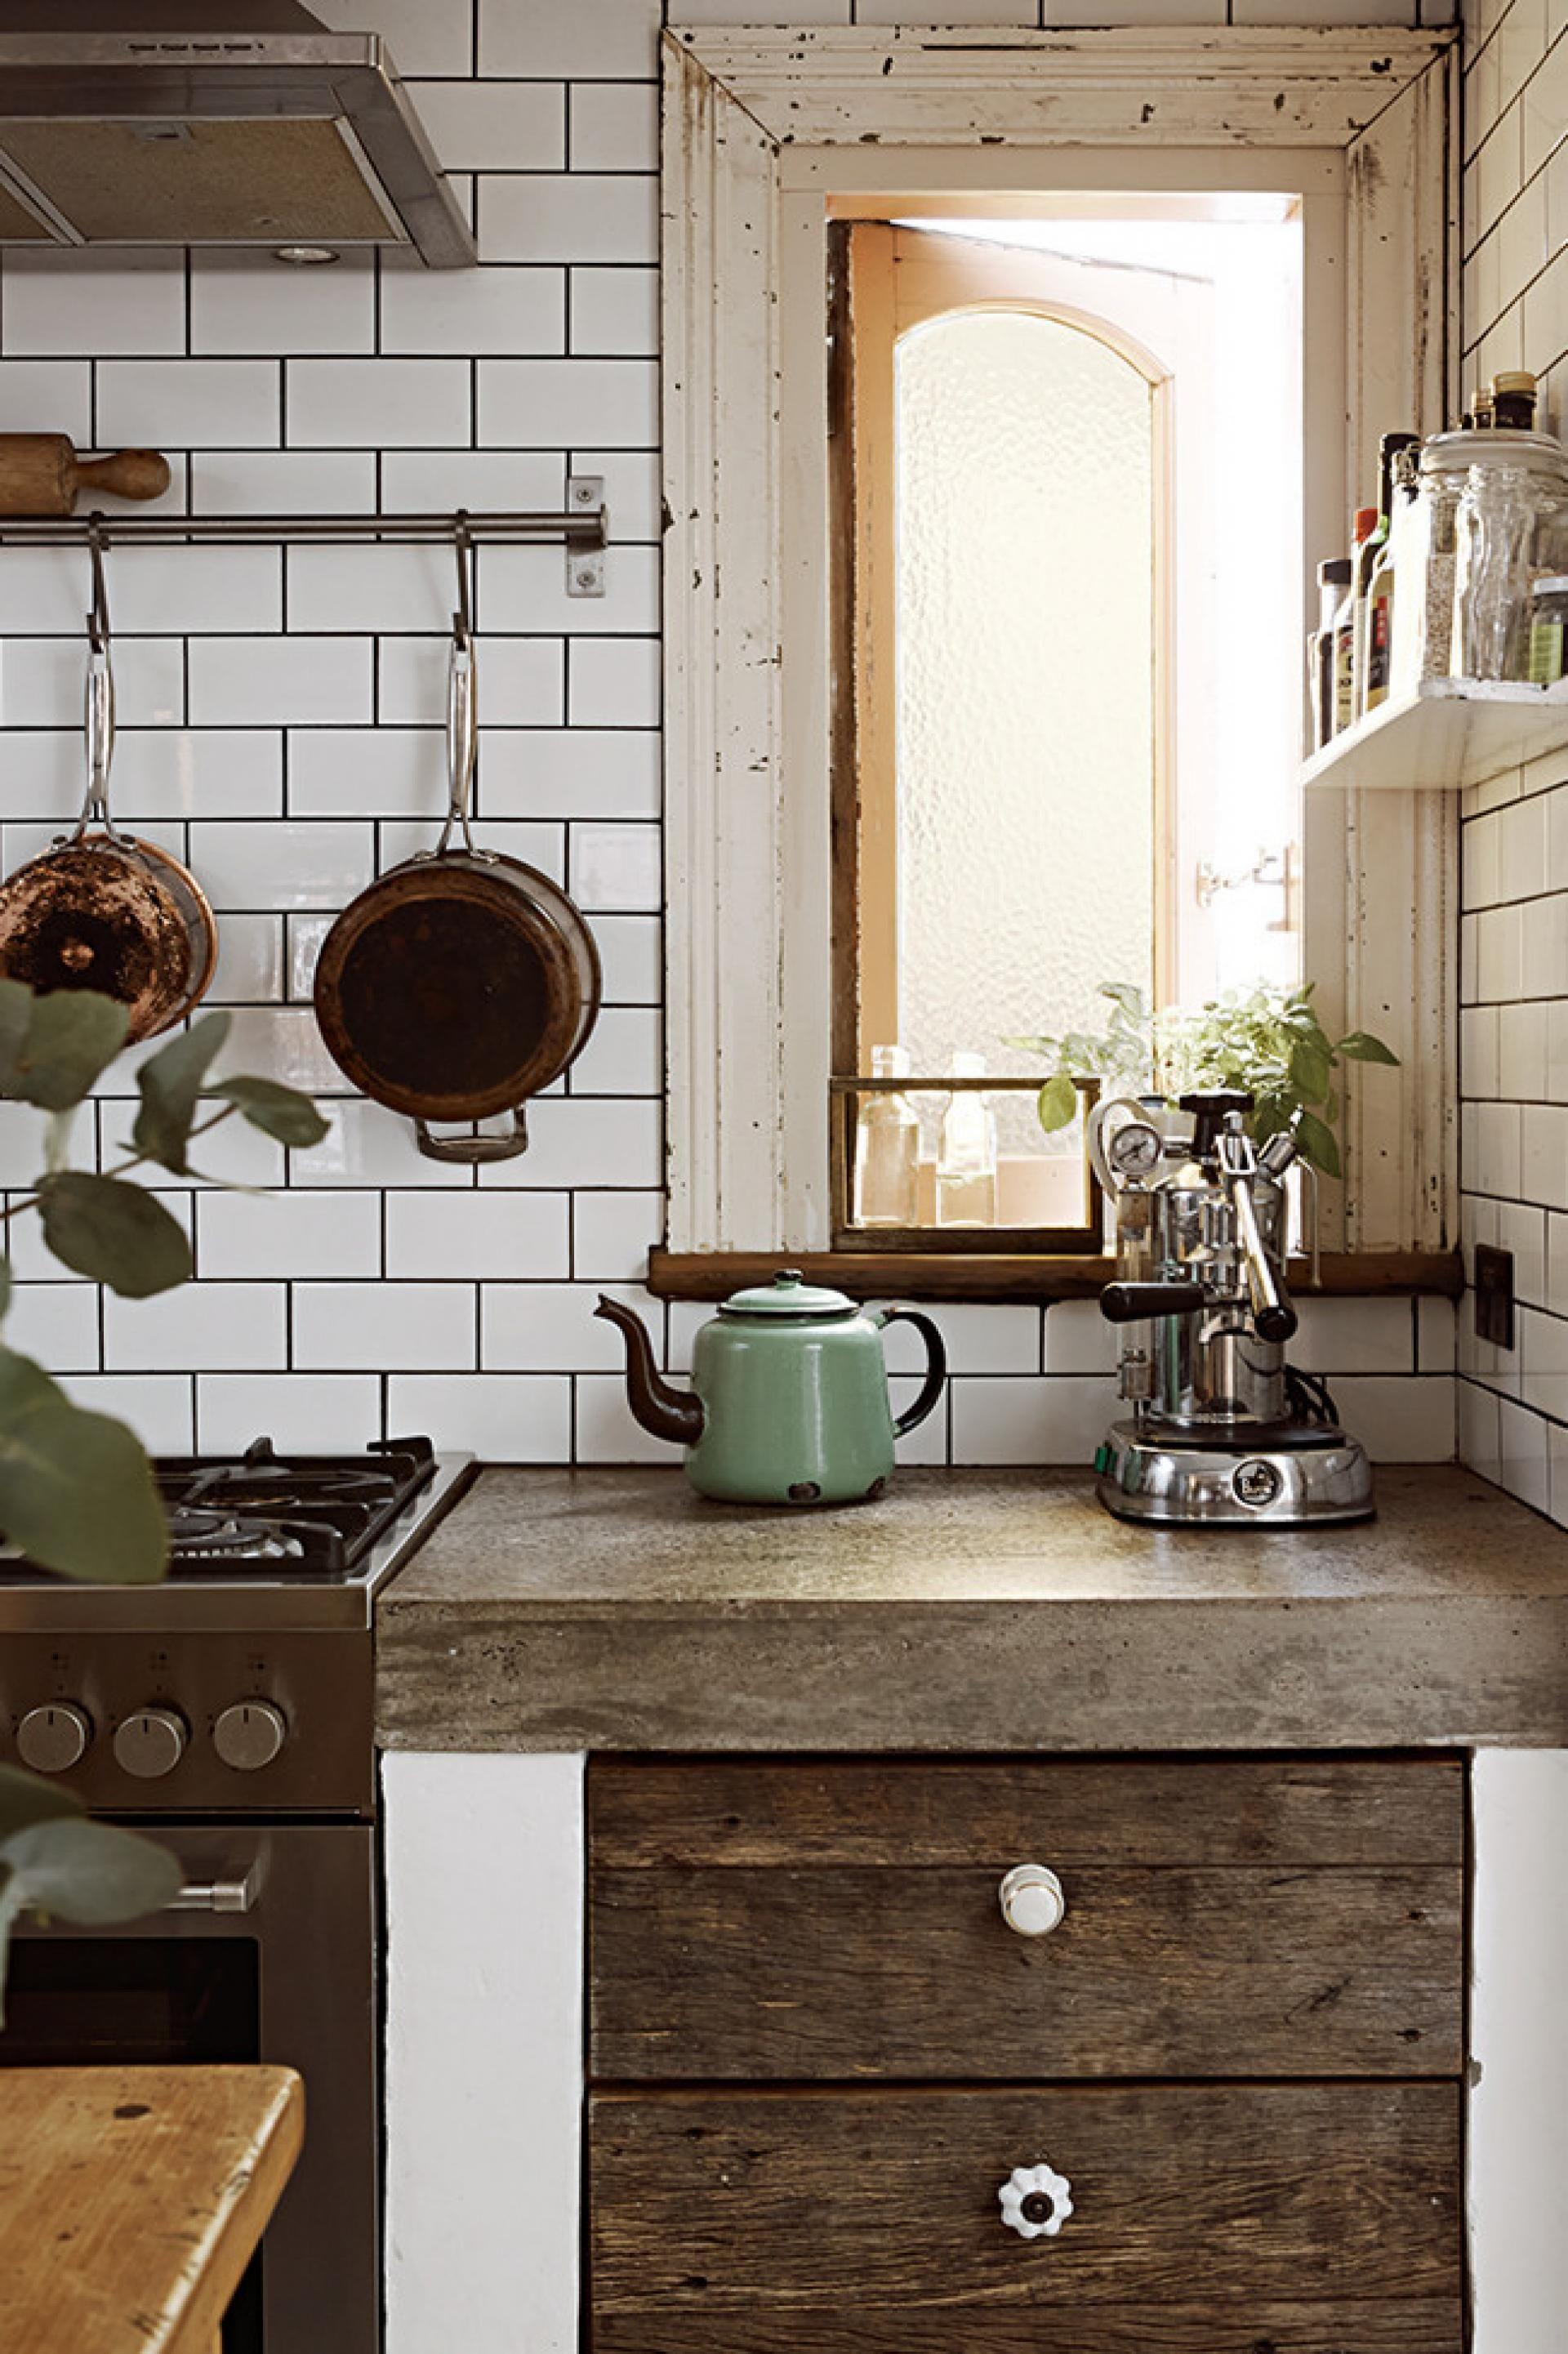 8 Industrial Chic Kitchen Ideas Rustic Kitchen Kitchen Remodel